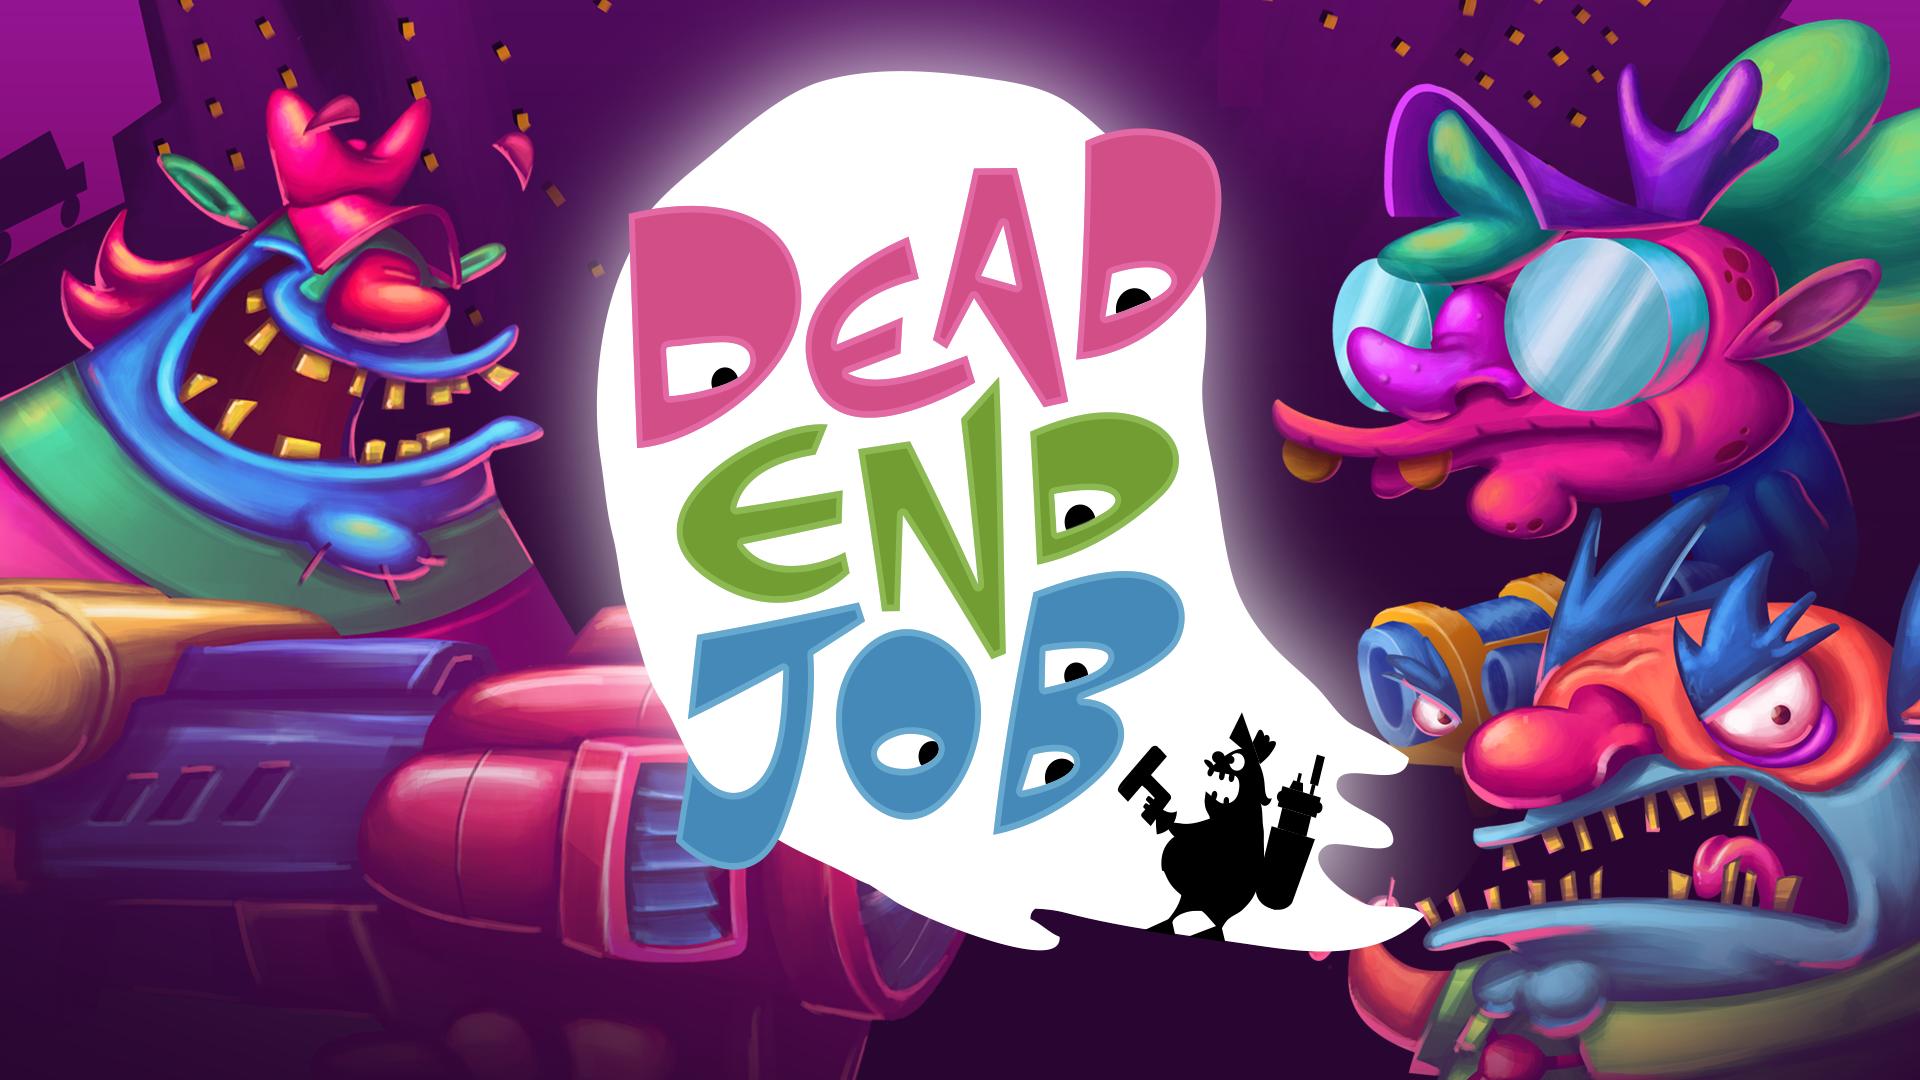 dead end job game hd wallpaper 69894